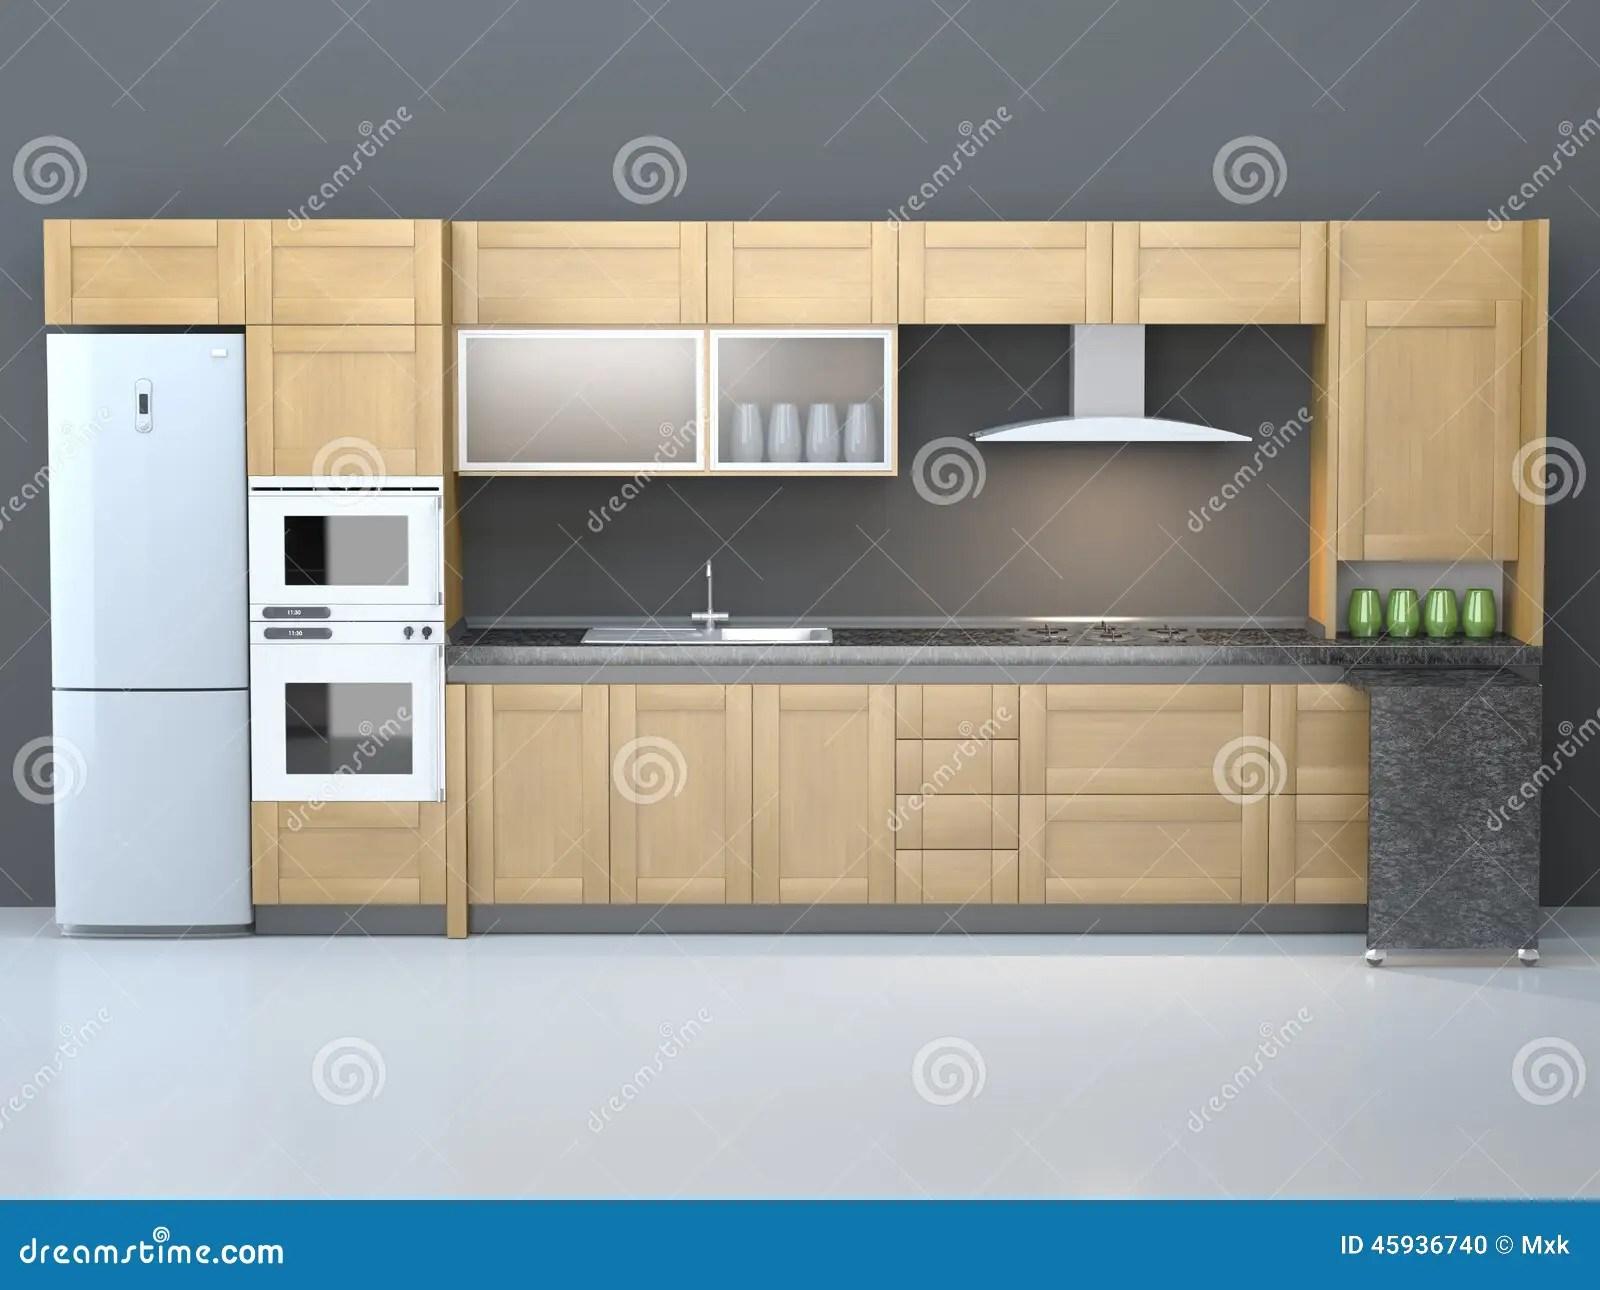 furniture for kitchen cheap hotels in negril with 厨房家具库存例证 插画包括有家具 设备 尺寸 板条 会议室 形状 厨房家具